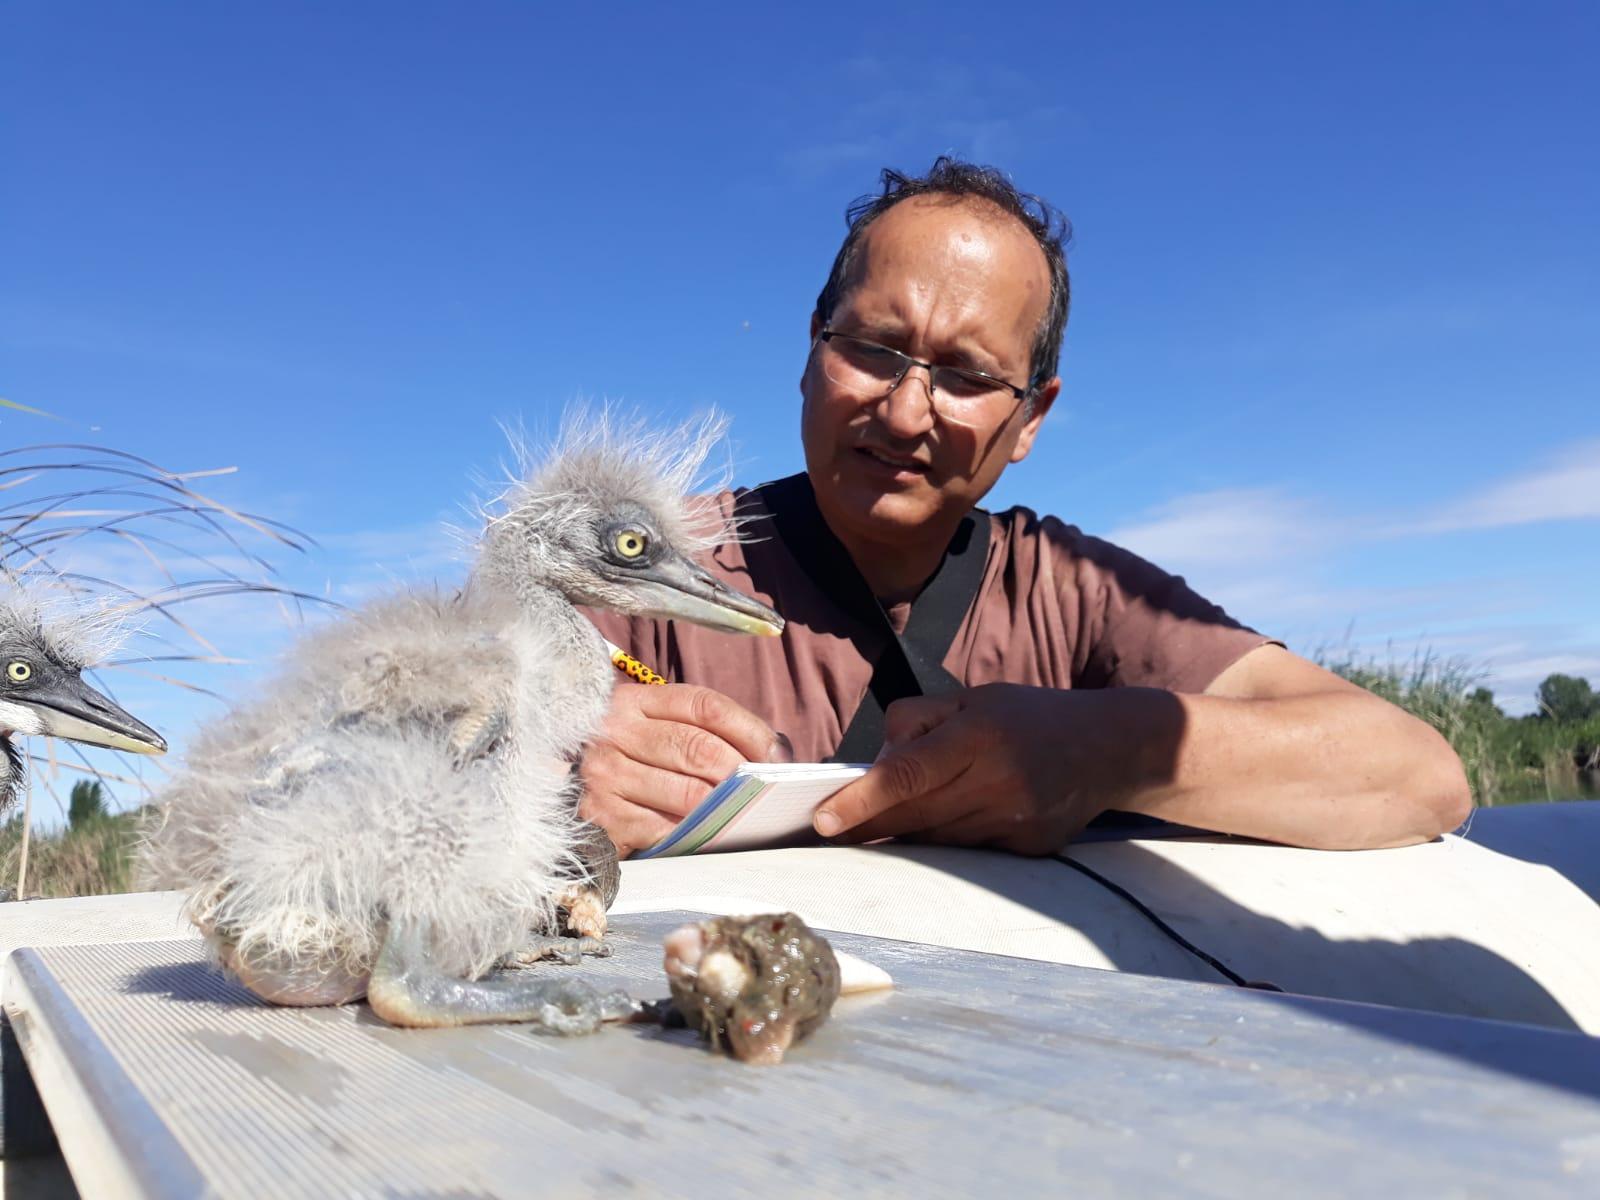 Pla mitjà on es pot veure Josep Garcia, tècnic del Zoo de Barcelona, fent el monitoratge de bernat pescaire a l'estany d'Ivars i Vila-sana, el 10 de maig de 2019. (Horitzontal)